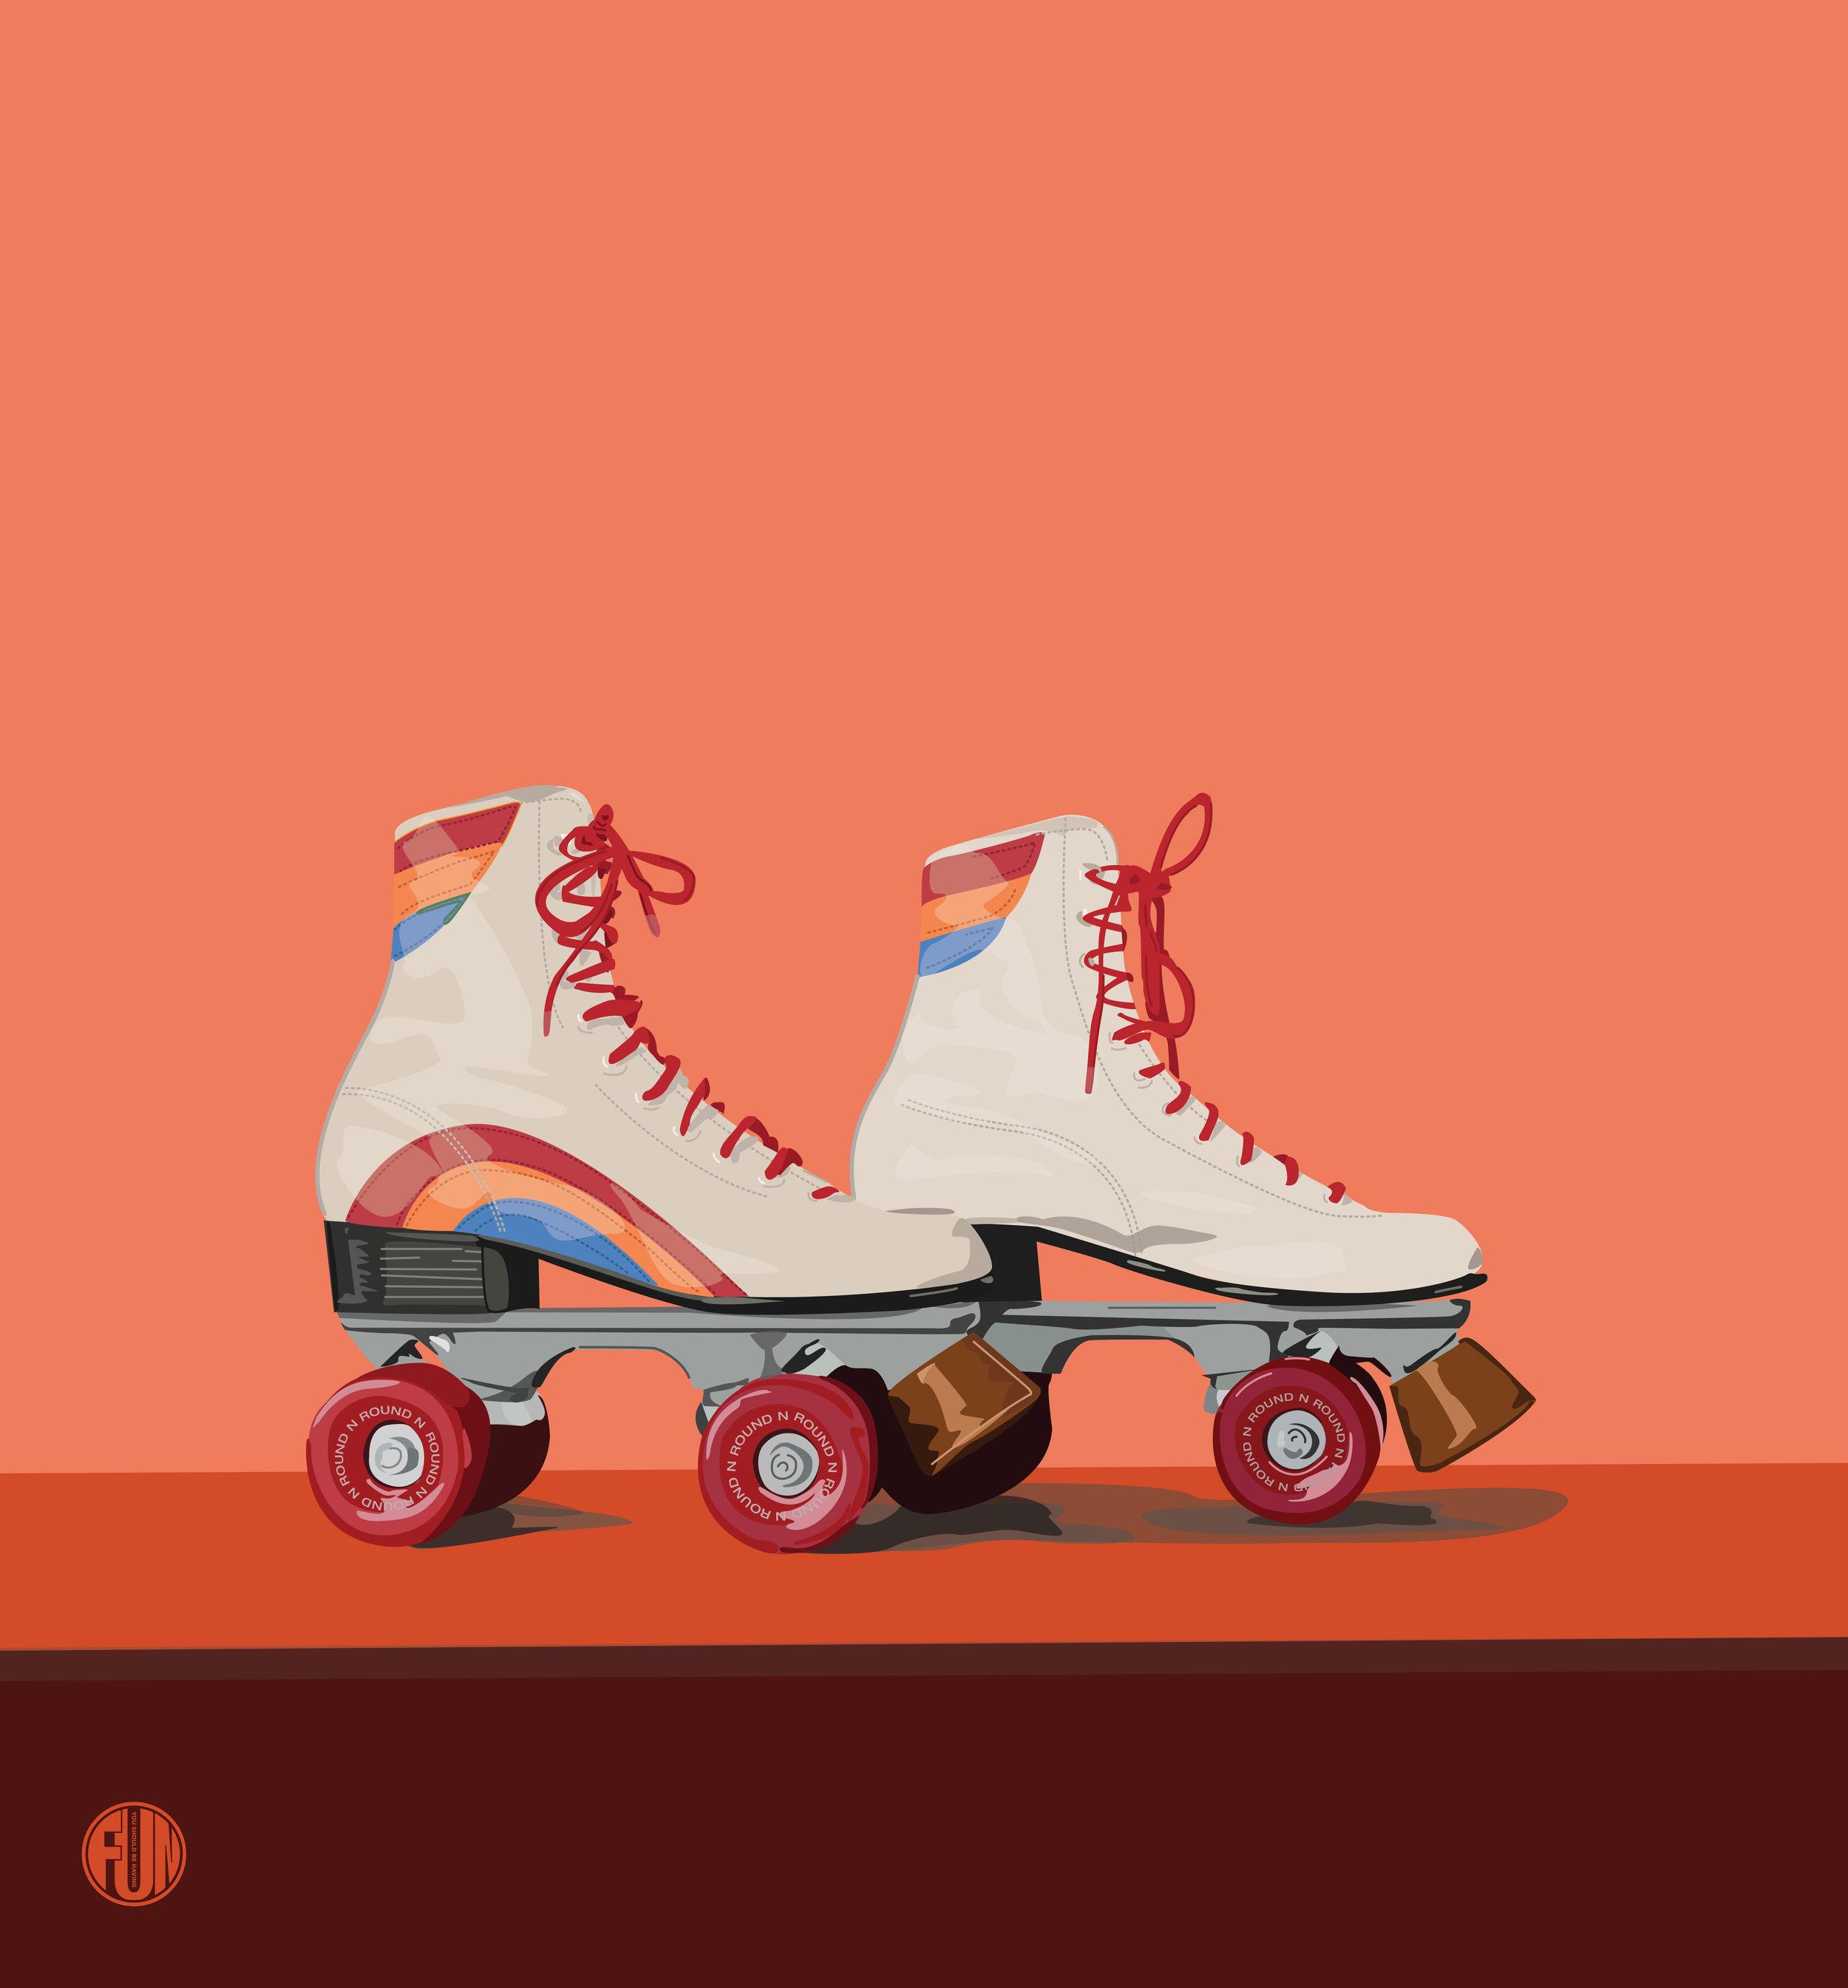 Skates_30x30_detail.jpg